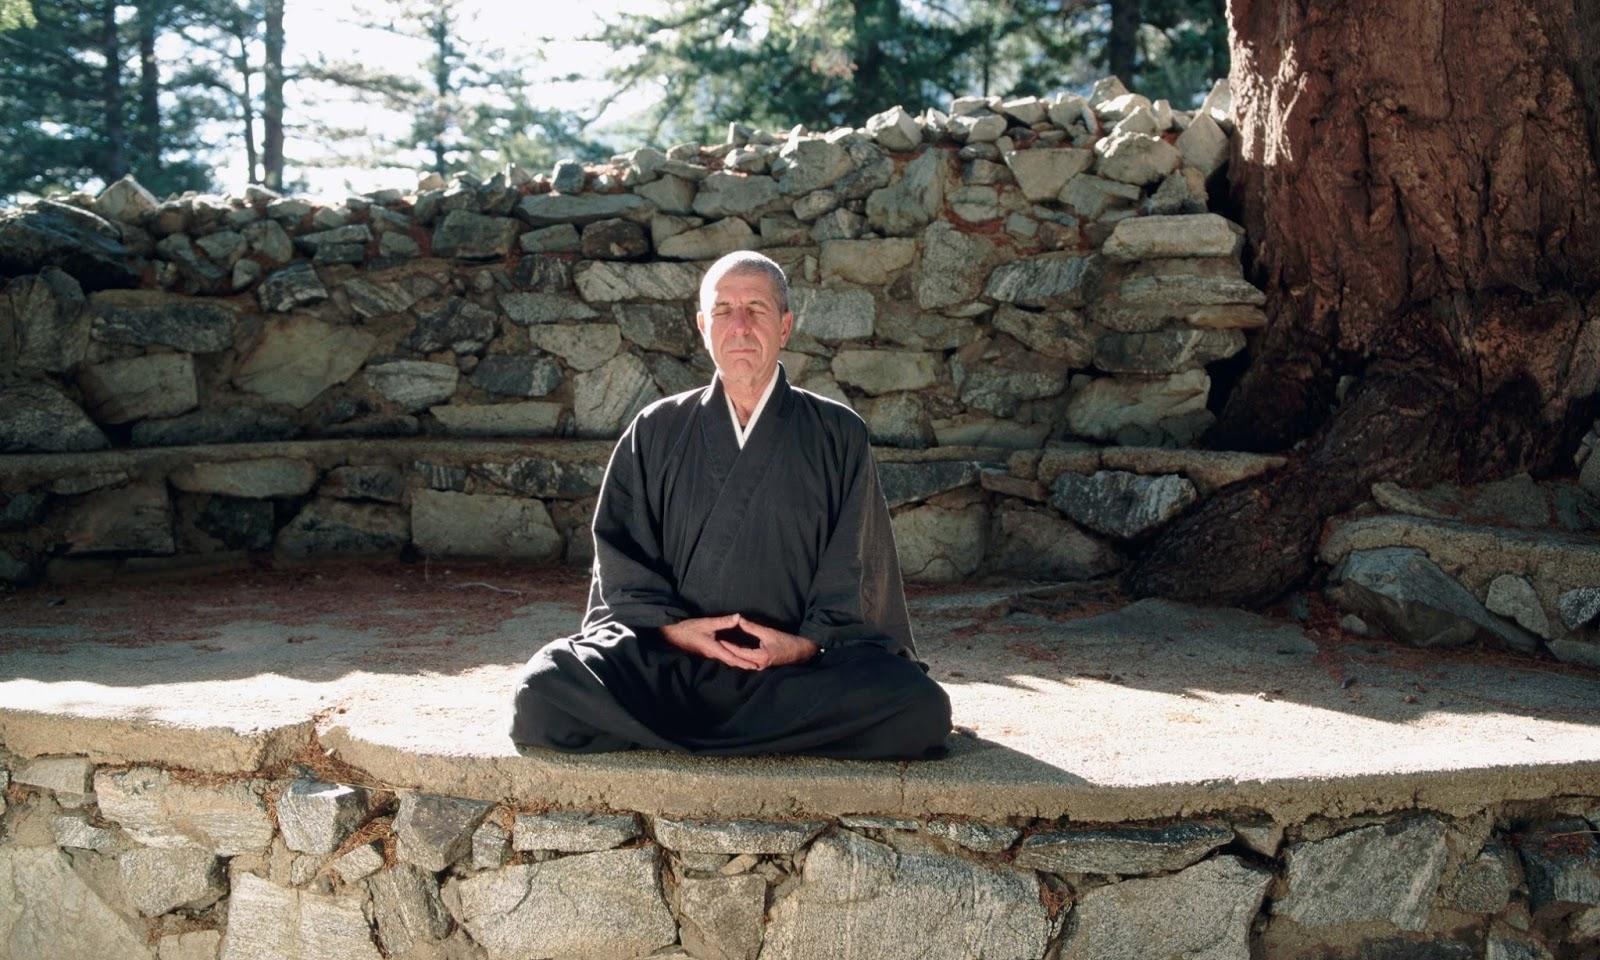 Afbeeldingsresultaat voor leonard cohen buddhist monk